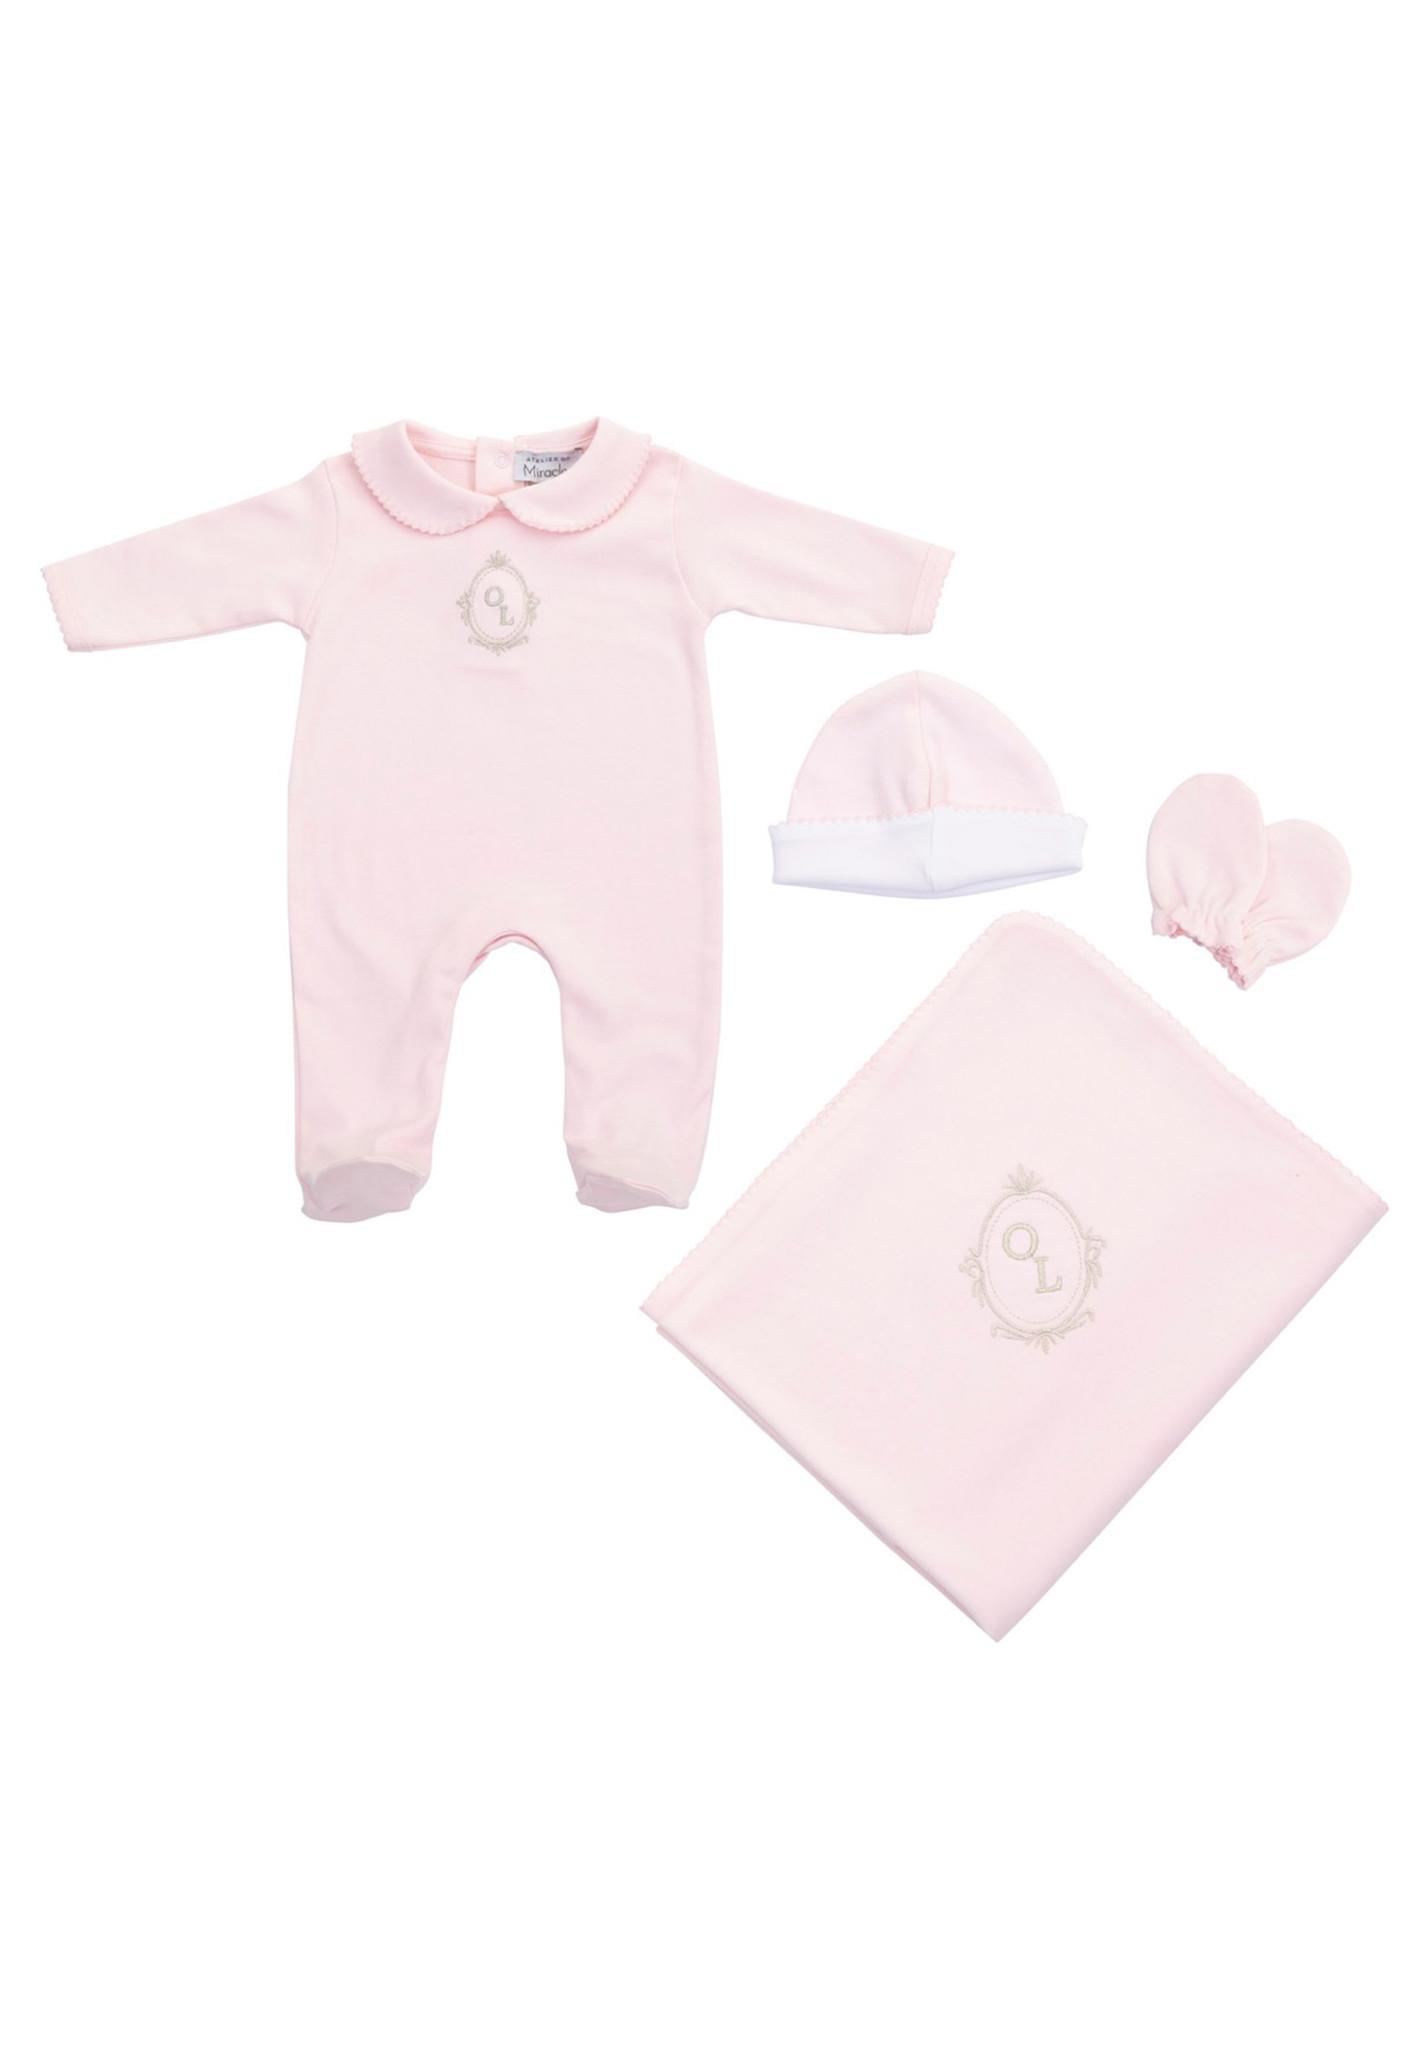 BABY SET // PINK